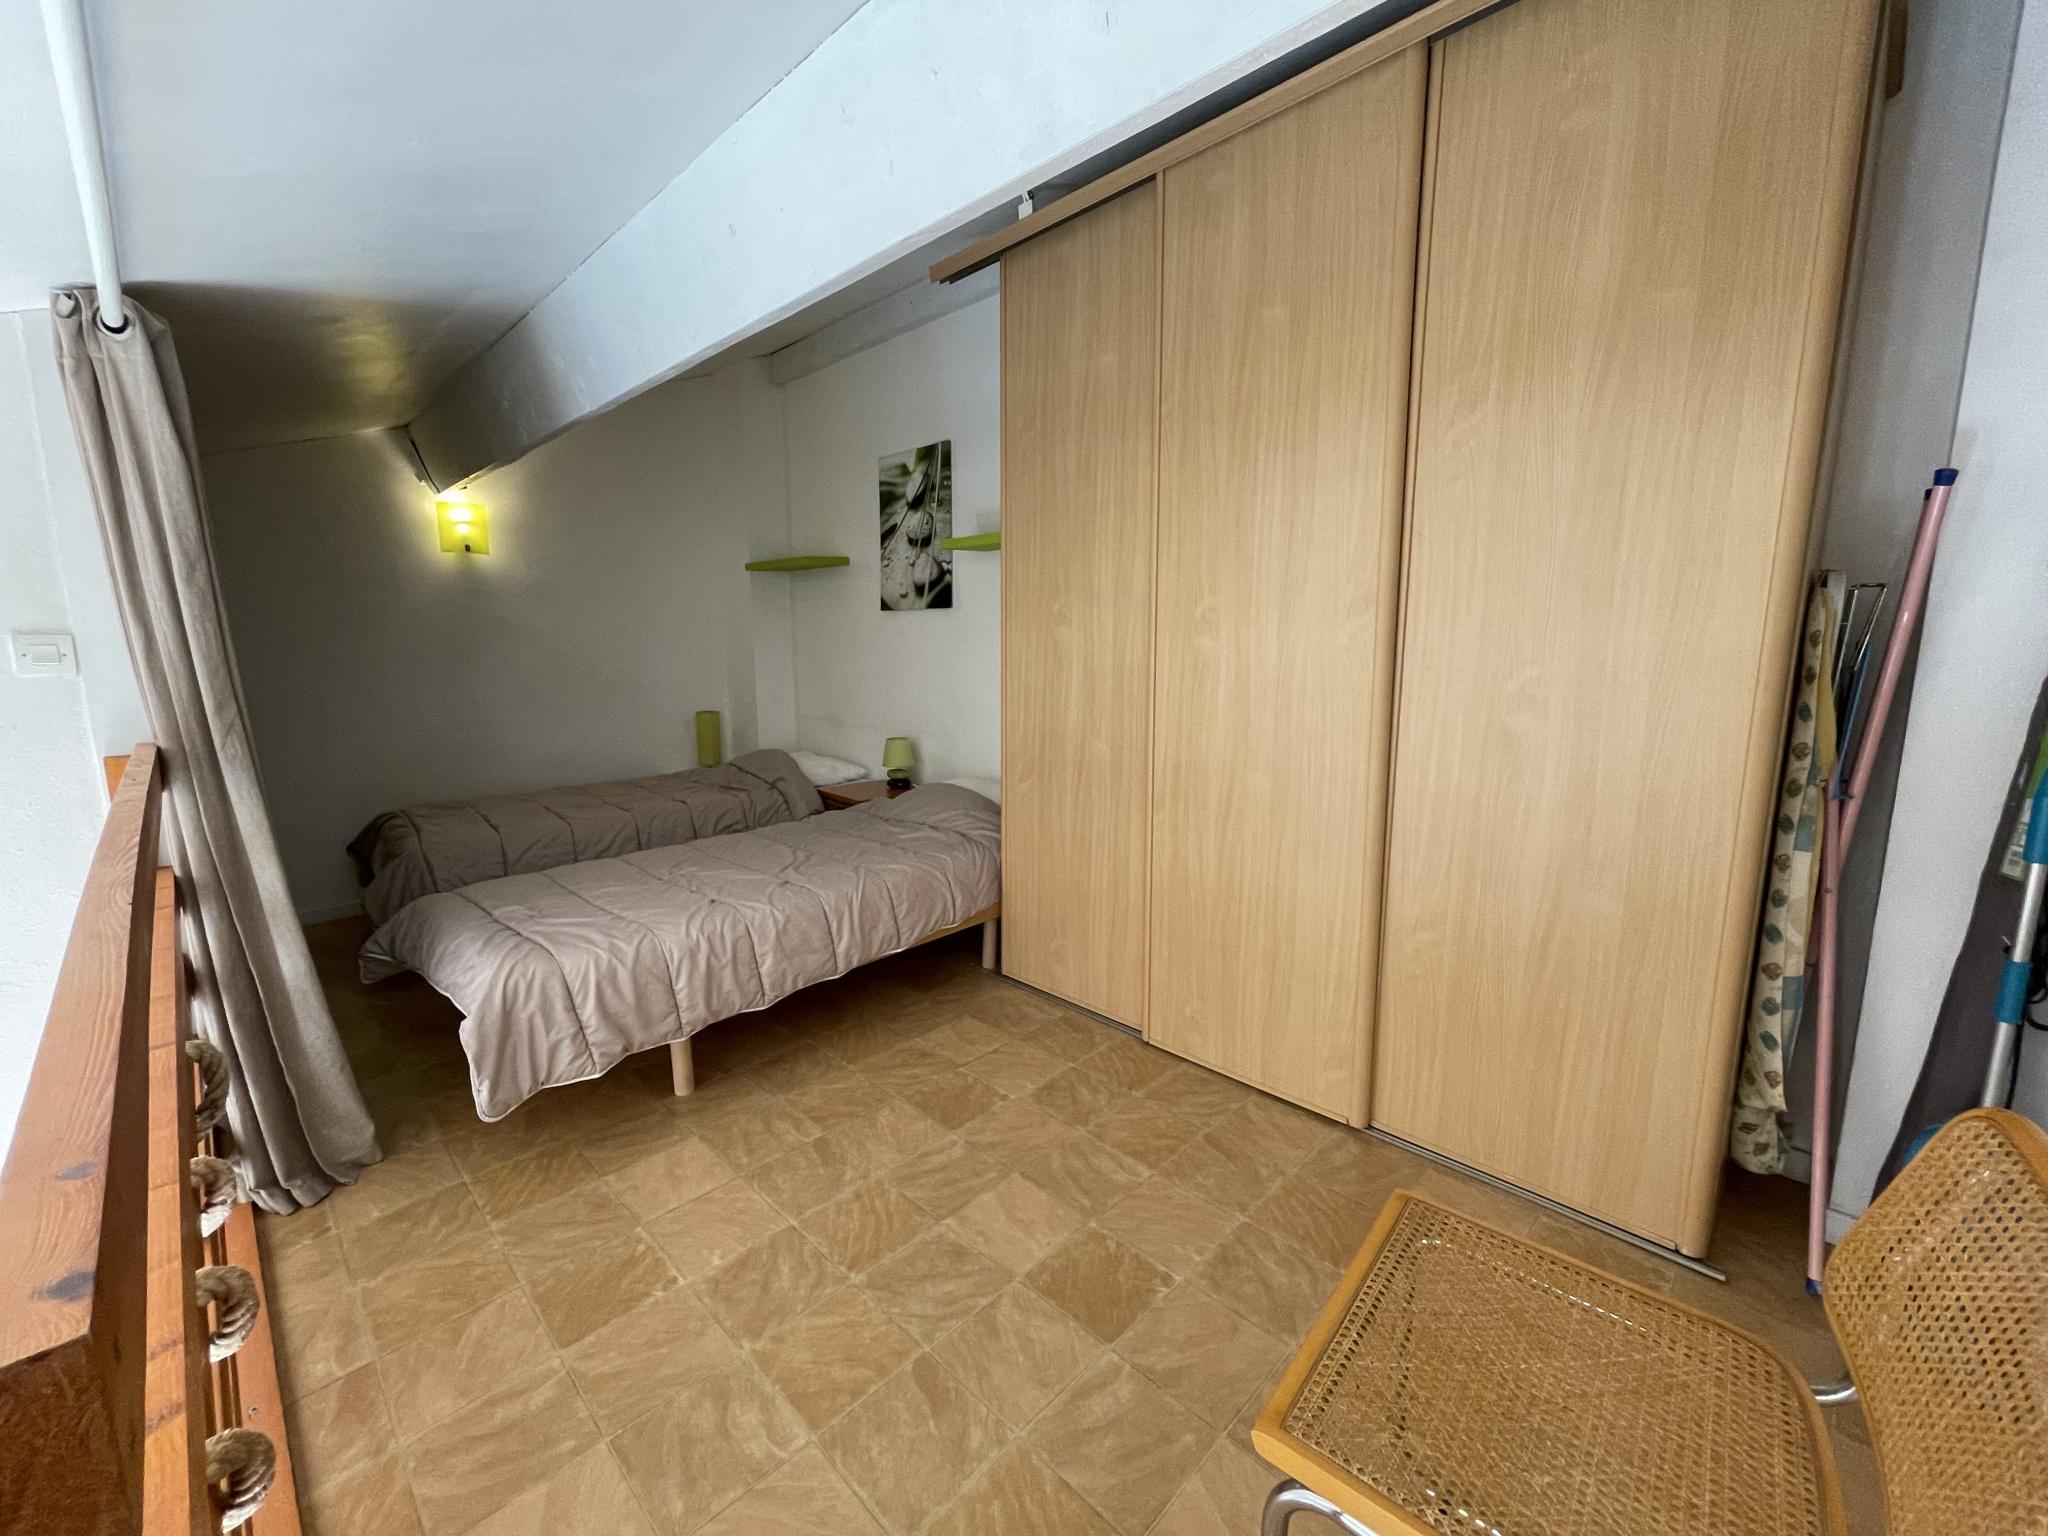 À vendre maison/villa de 44m2 à argeles plage (66700) - Photo 20'